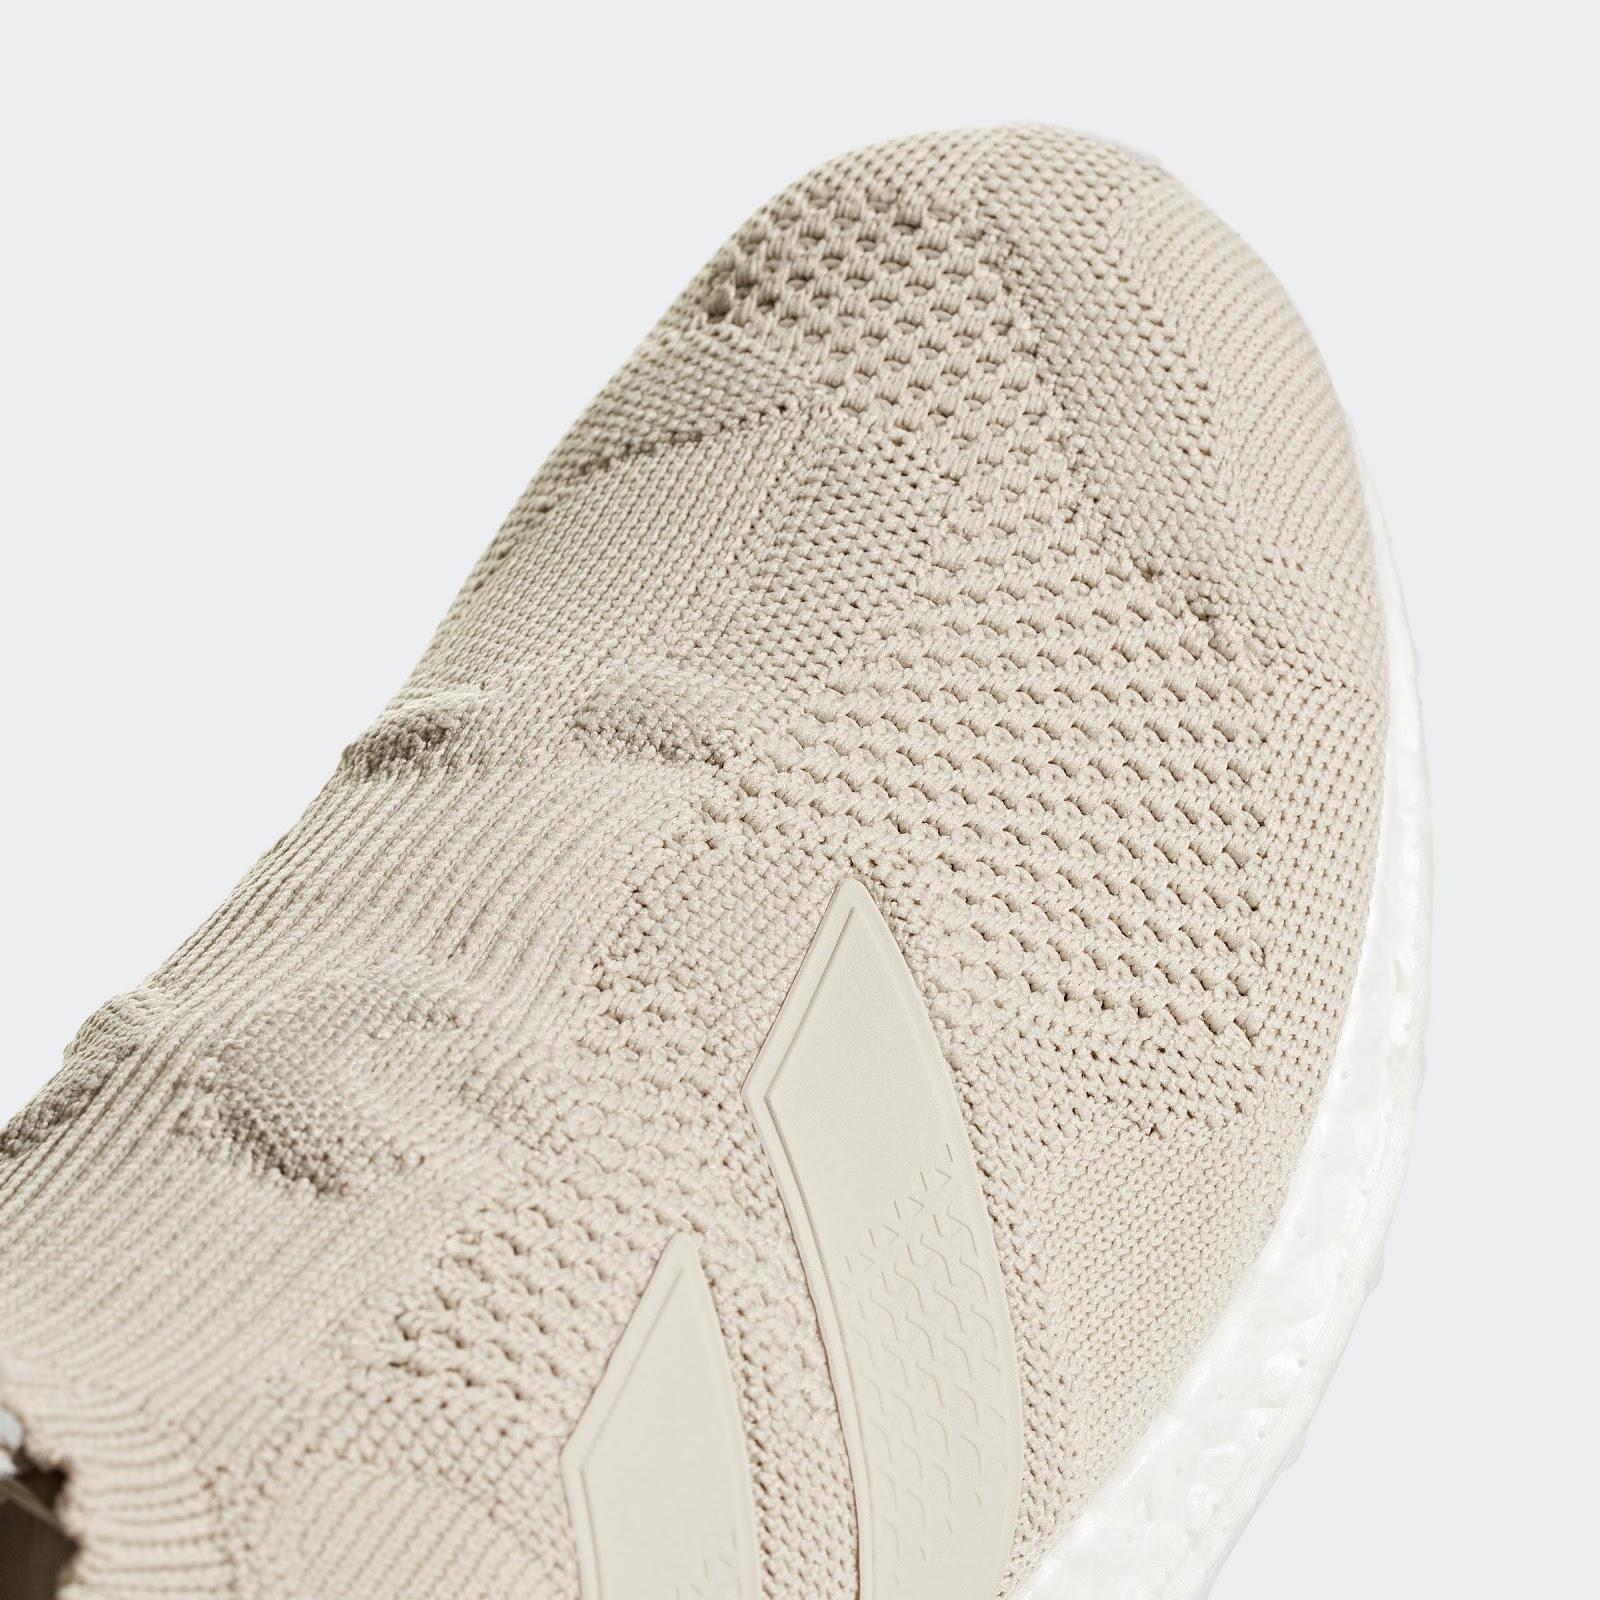 De beige adidas A16+ Ultraboost schoenen voor voet